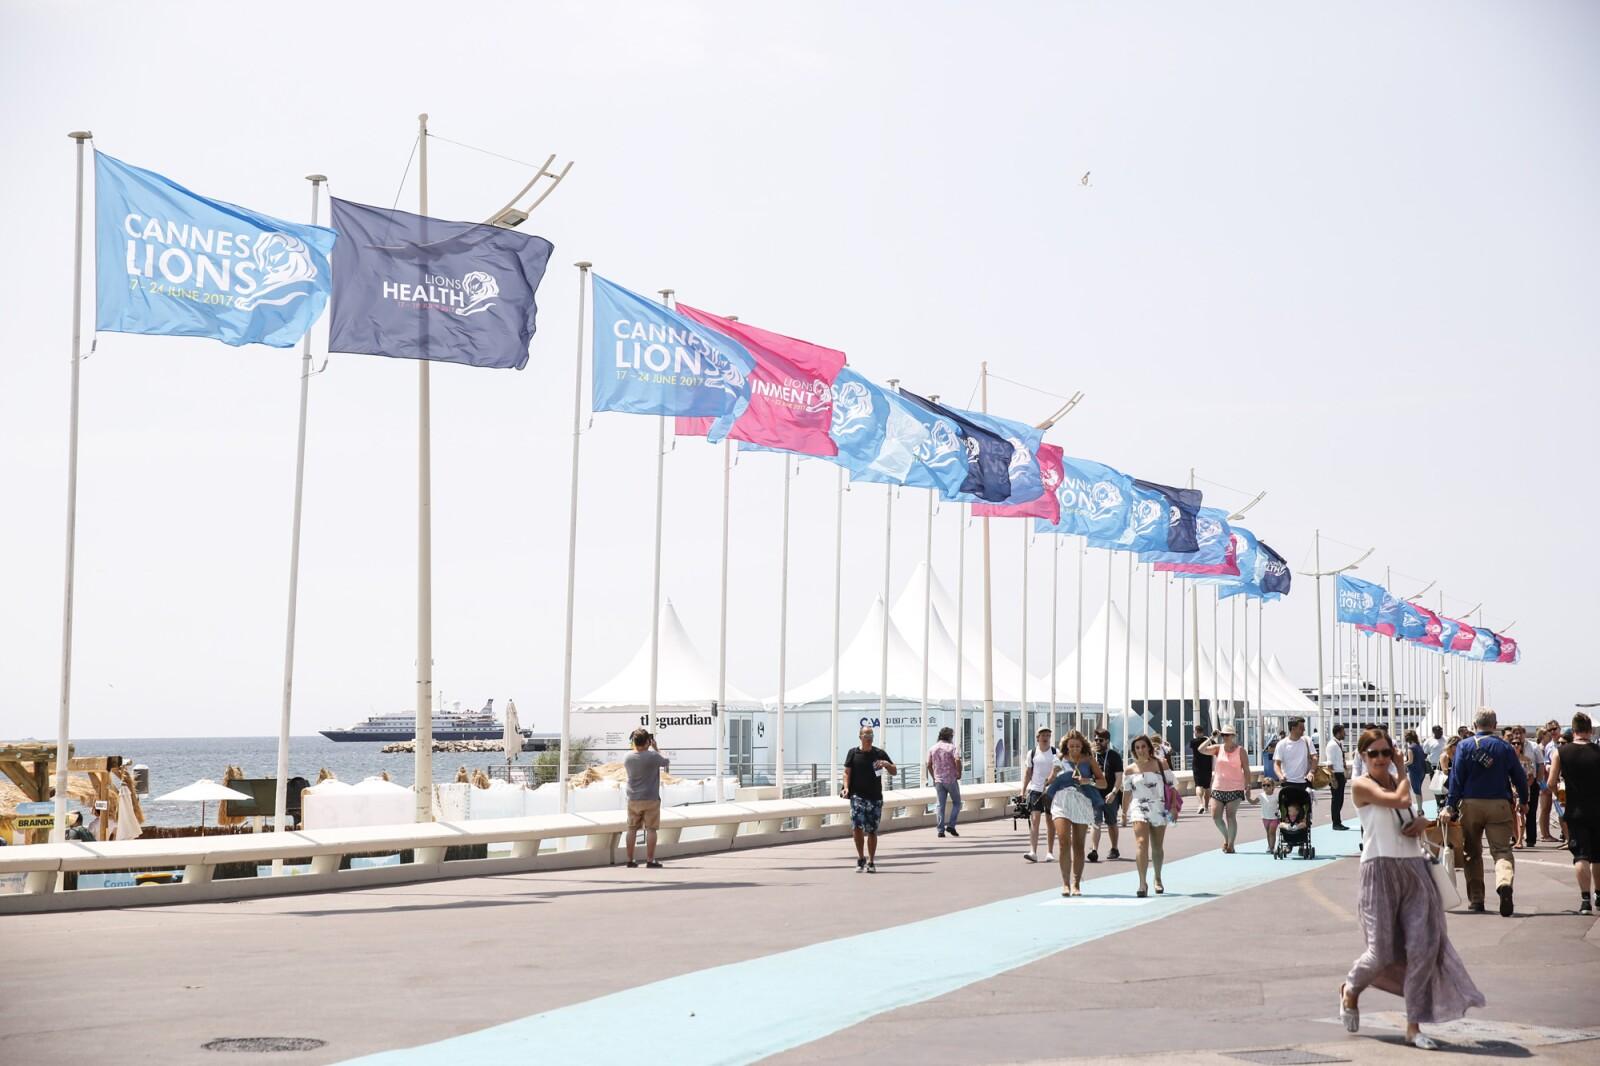 Cannes Lions 2017.